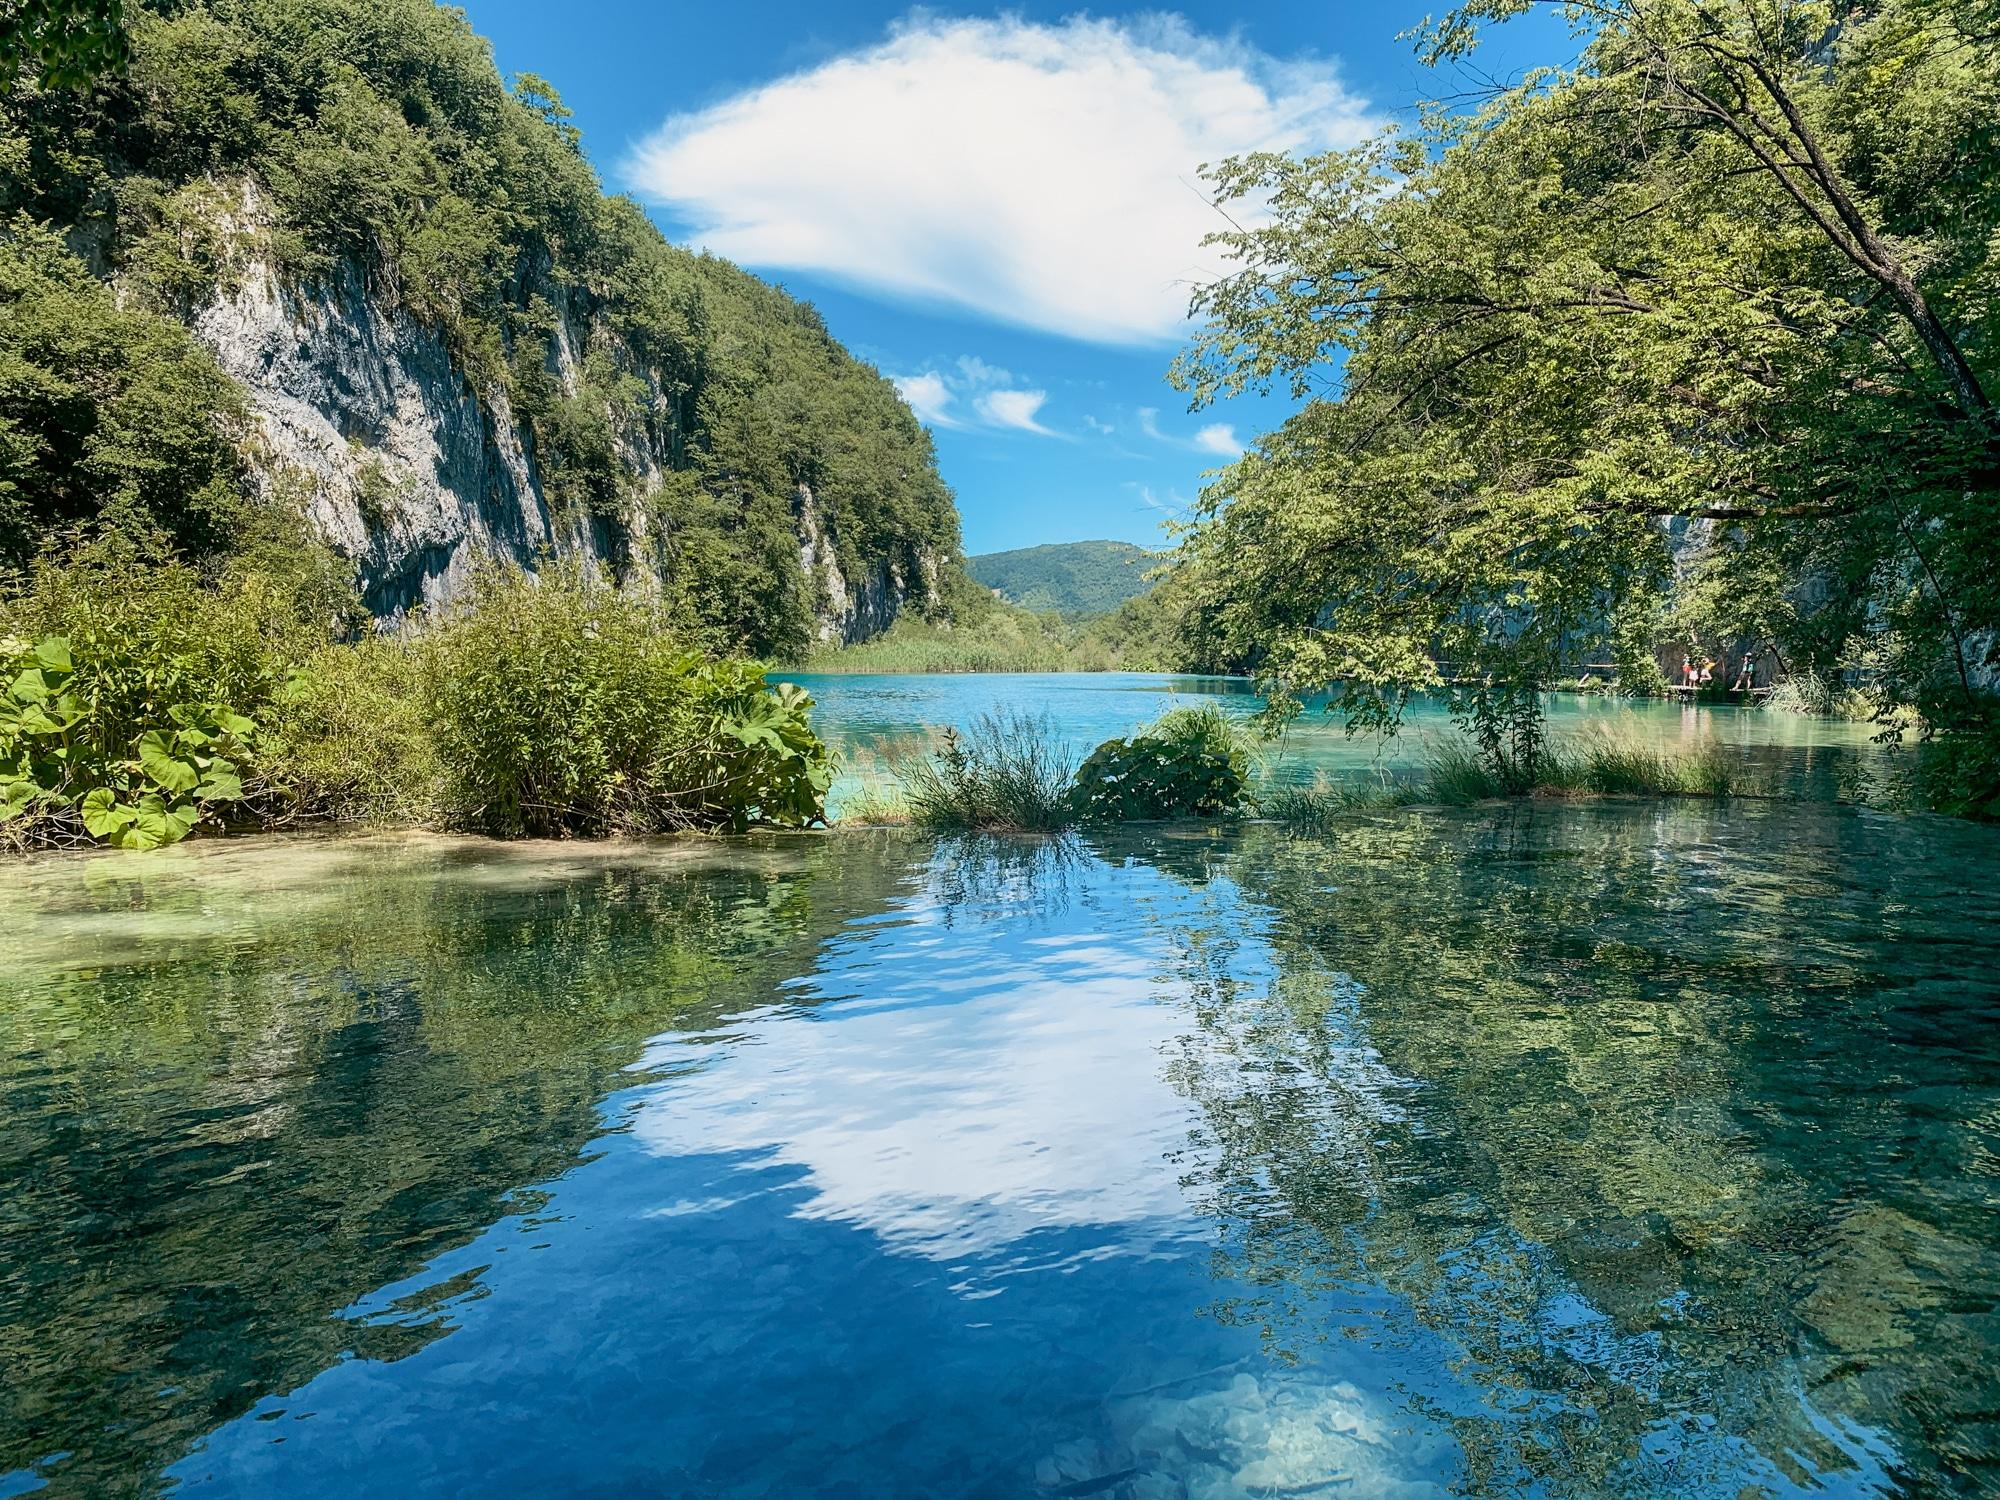 Nationalpark Plitvicer Seen: Tipps für den schönsten Kroatien Nationalpark - Holzsteg Aussicht auf den See